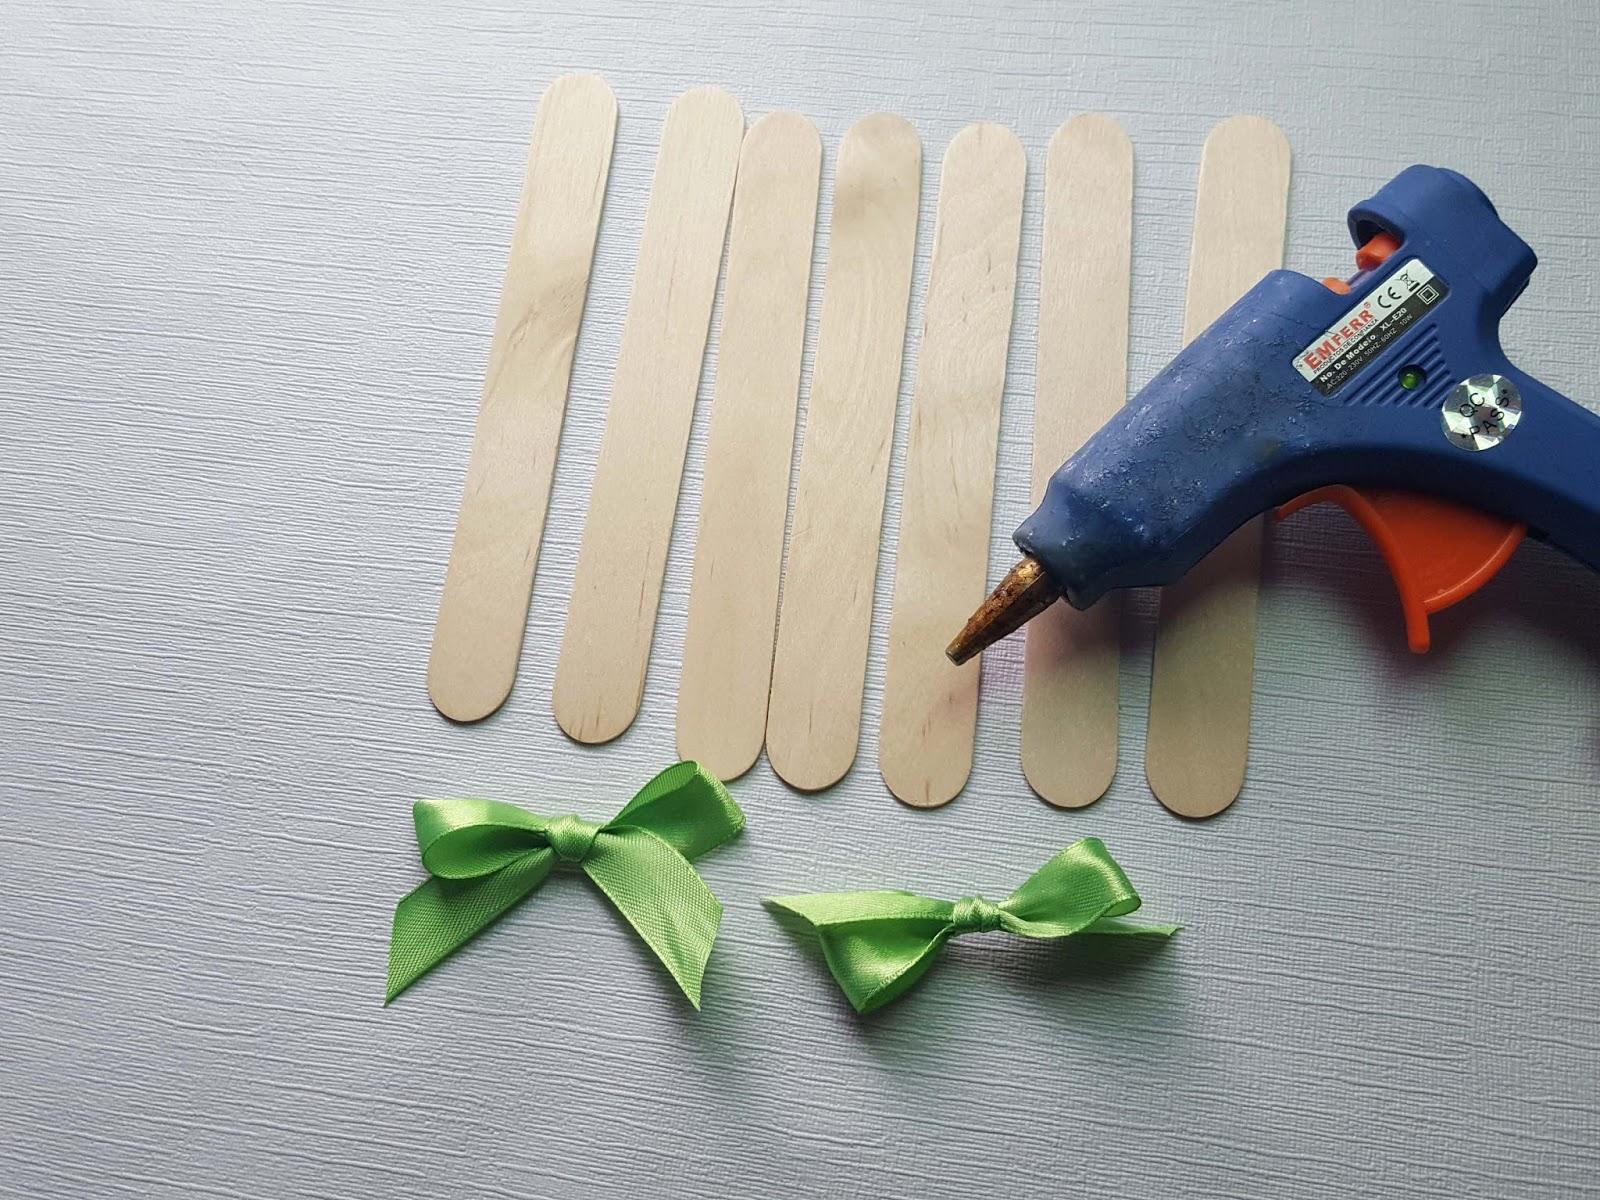 Manualidades herme como hacer servilleteros con palitos - Cosas para hacer con palitos de helado ...